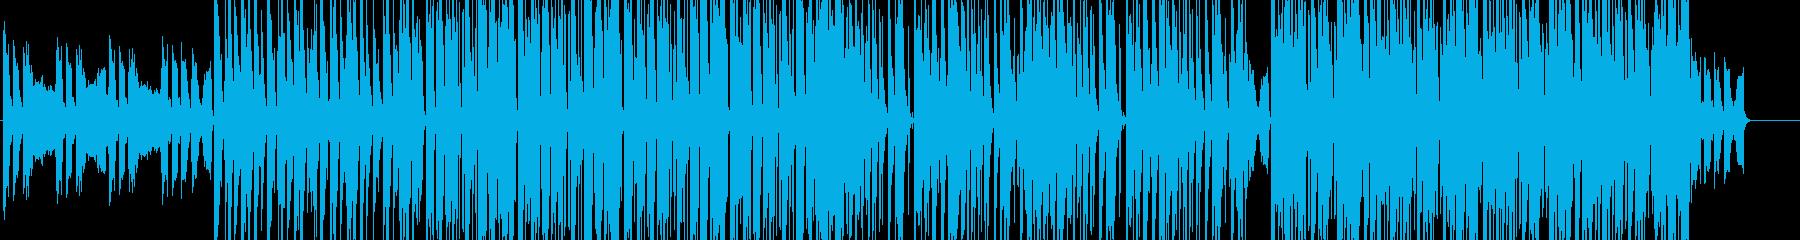 アニメや映像系プレゼン等の再生済みの波形